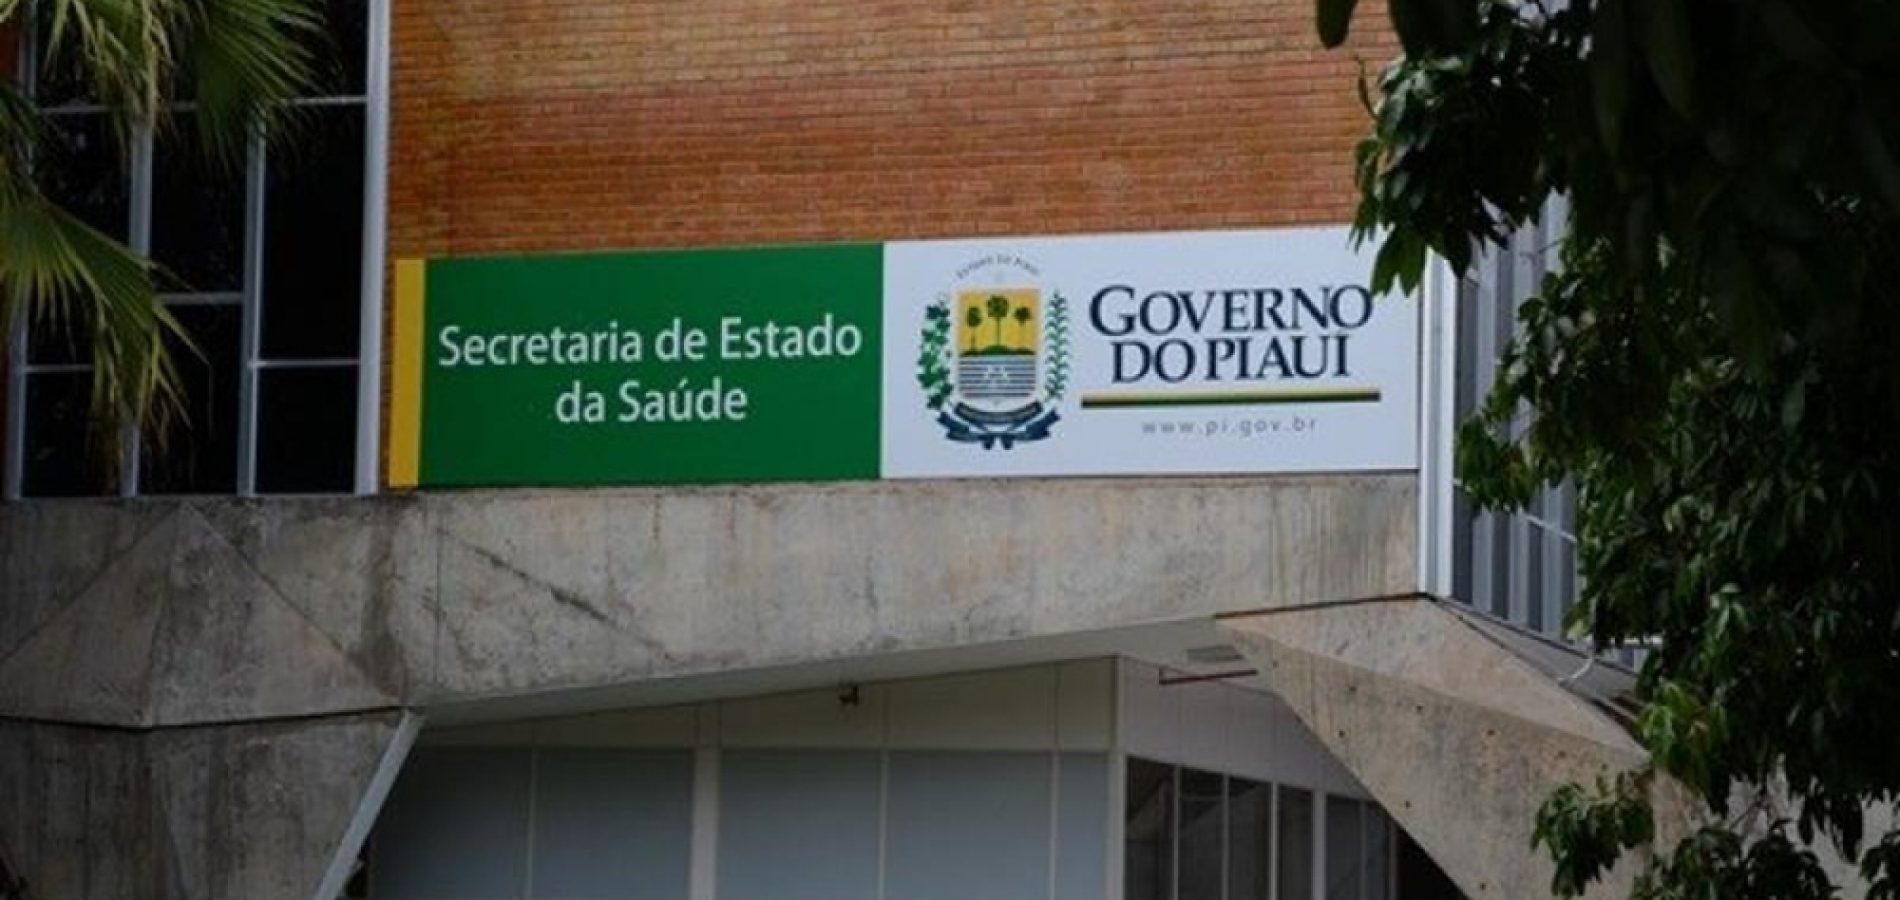 Coronavírus no Piauí: secretaria compra 30 ambulâncias e aluga mais dez para UTI e atendimento básico